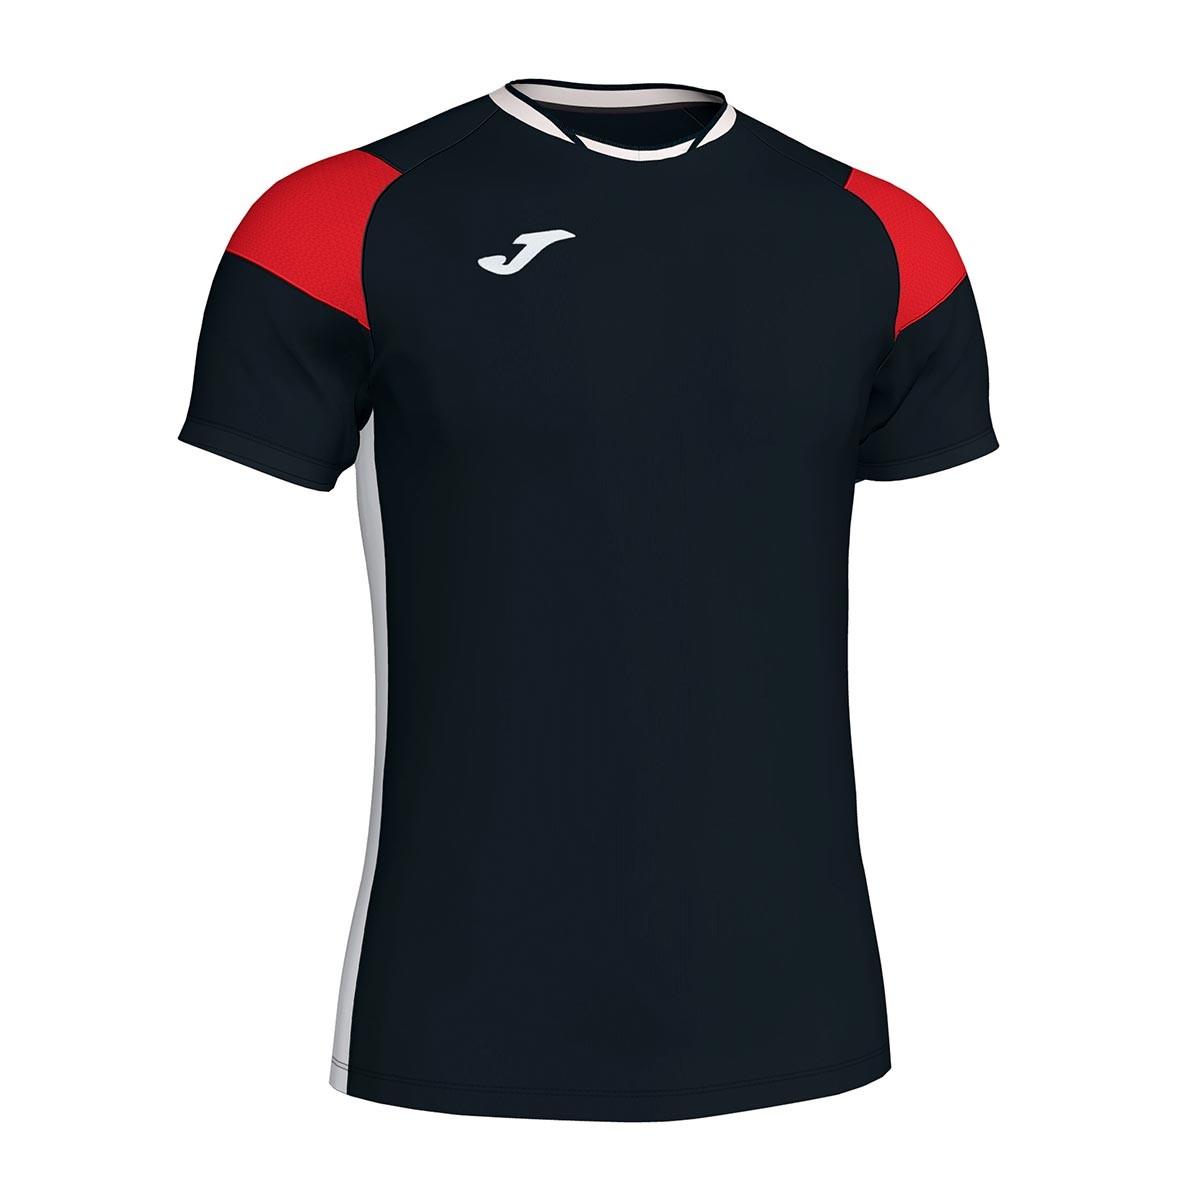 d1b127639 Camiseta Joma Crew III m c Negro-Rojo-Blanco - Tienda de fútbol Fútbol  Emotion